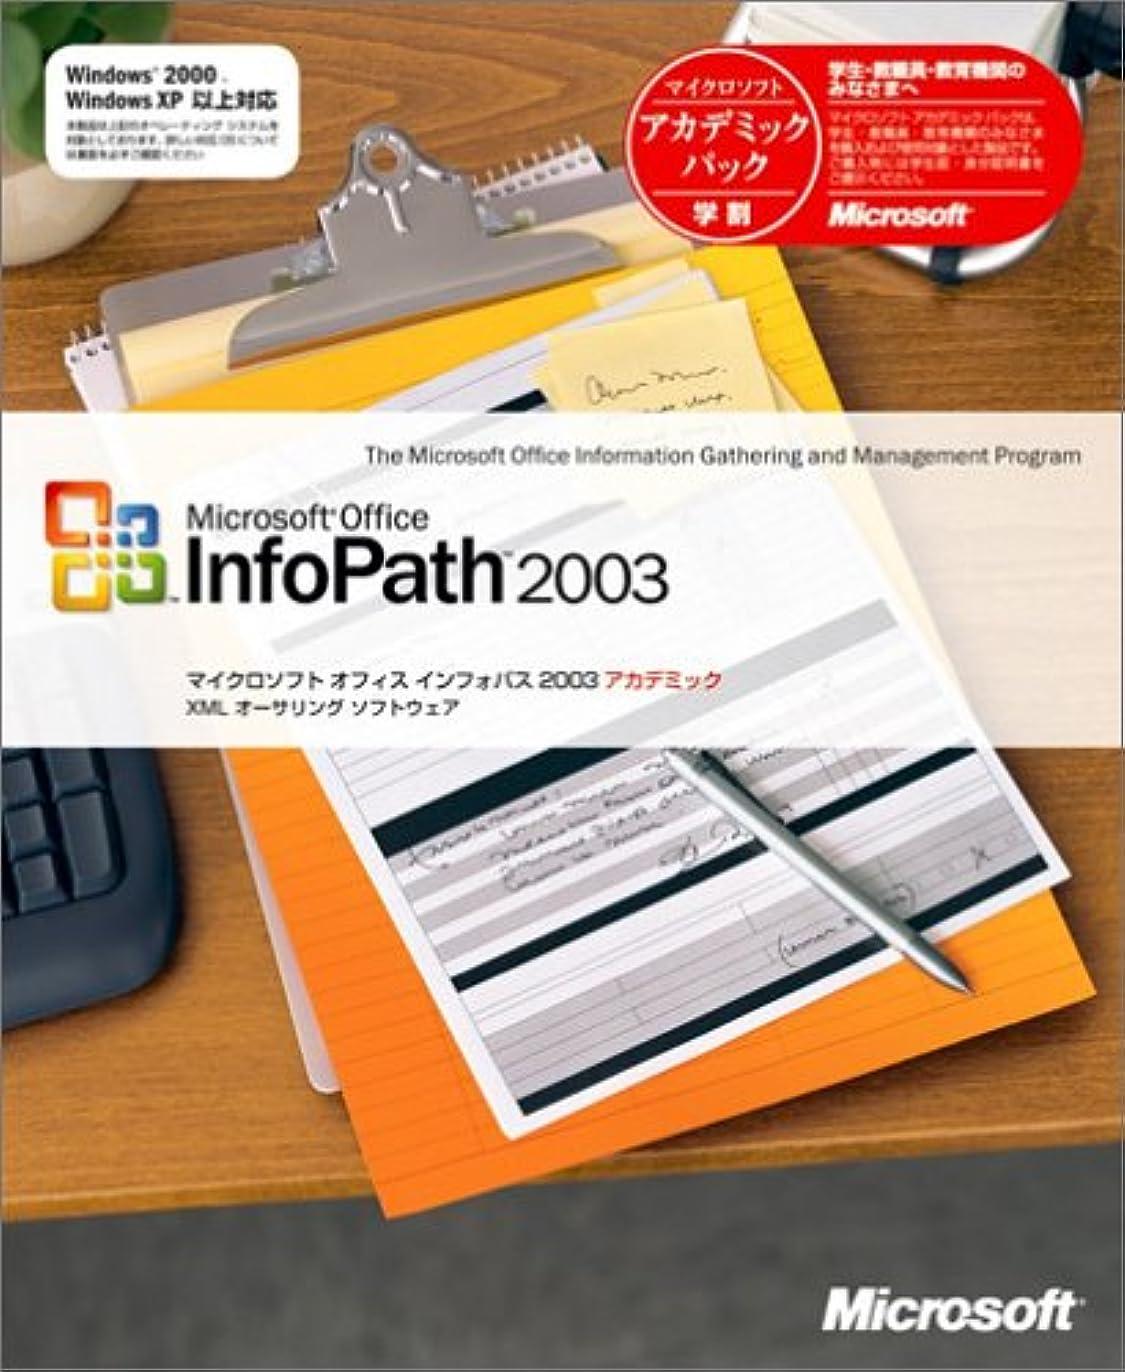 偽足音ブロックするInfoPath 2003 アカデミック版